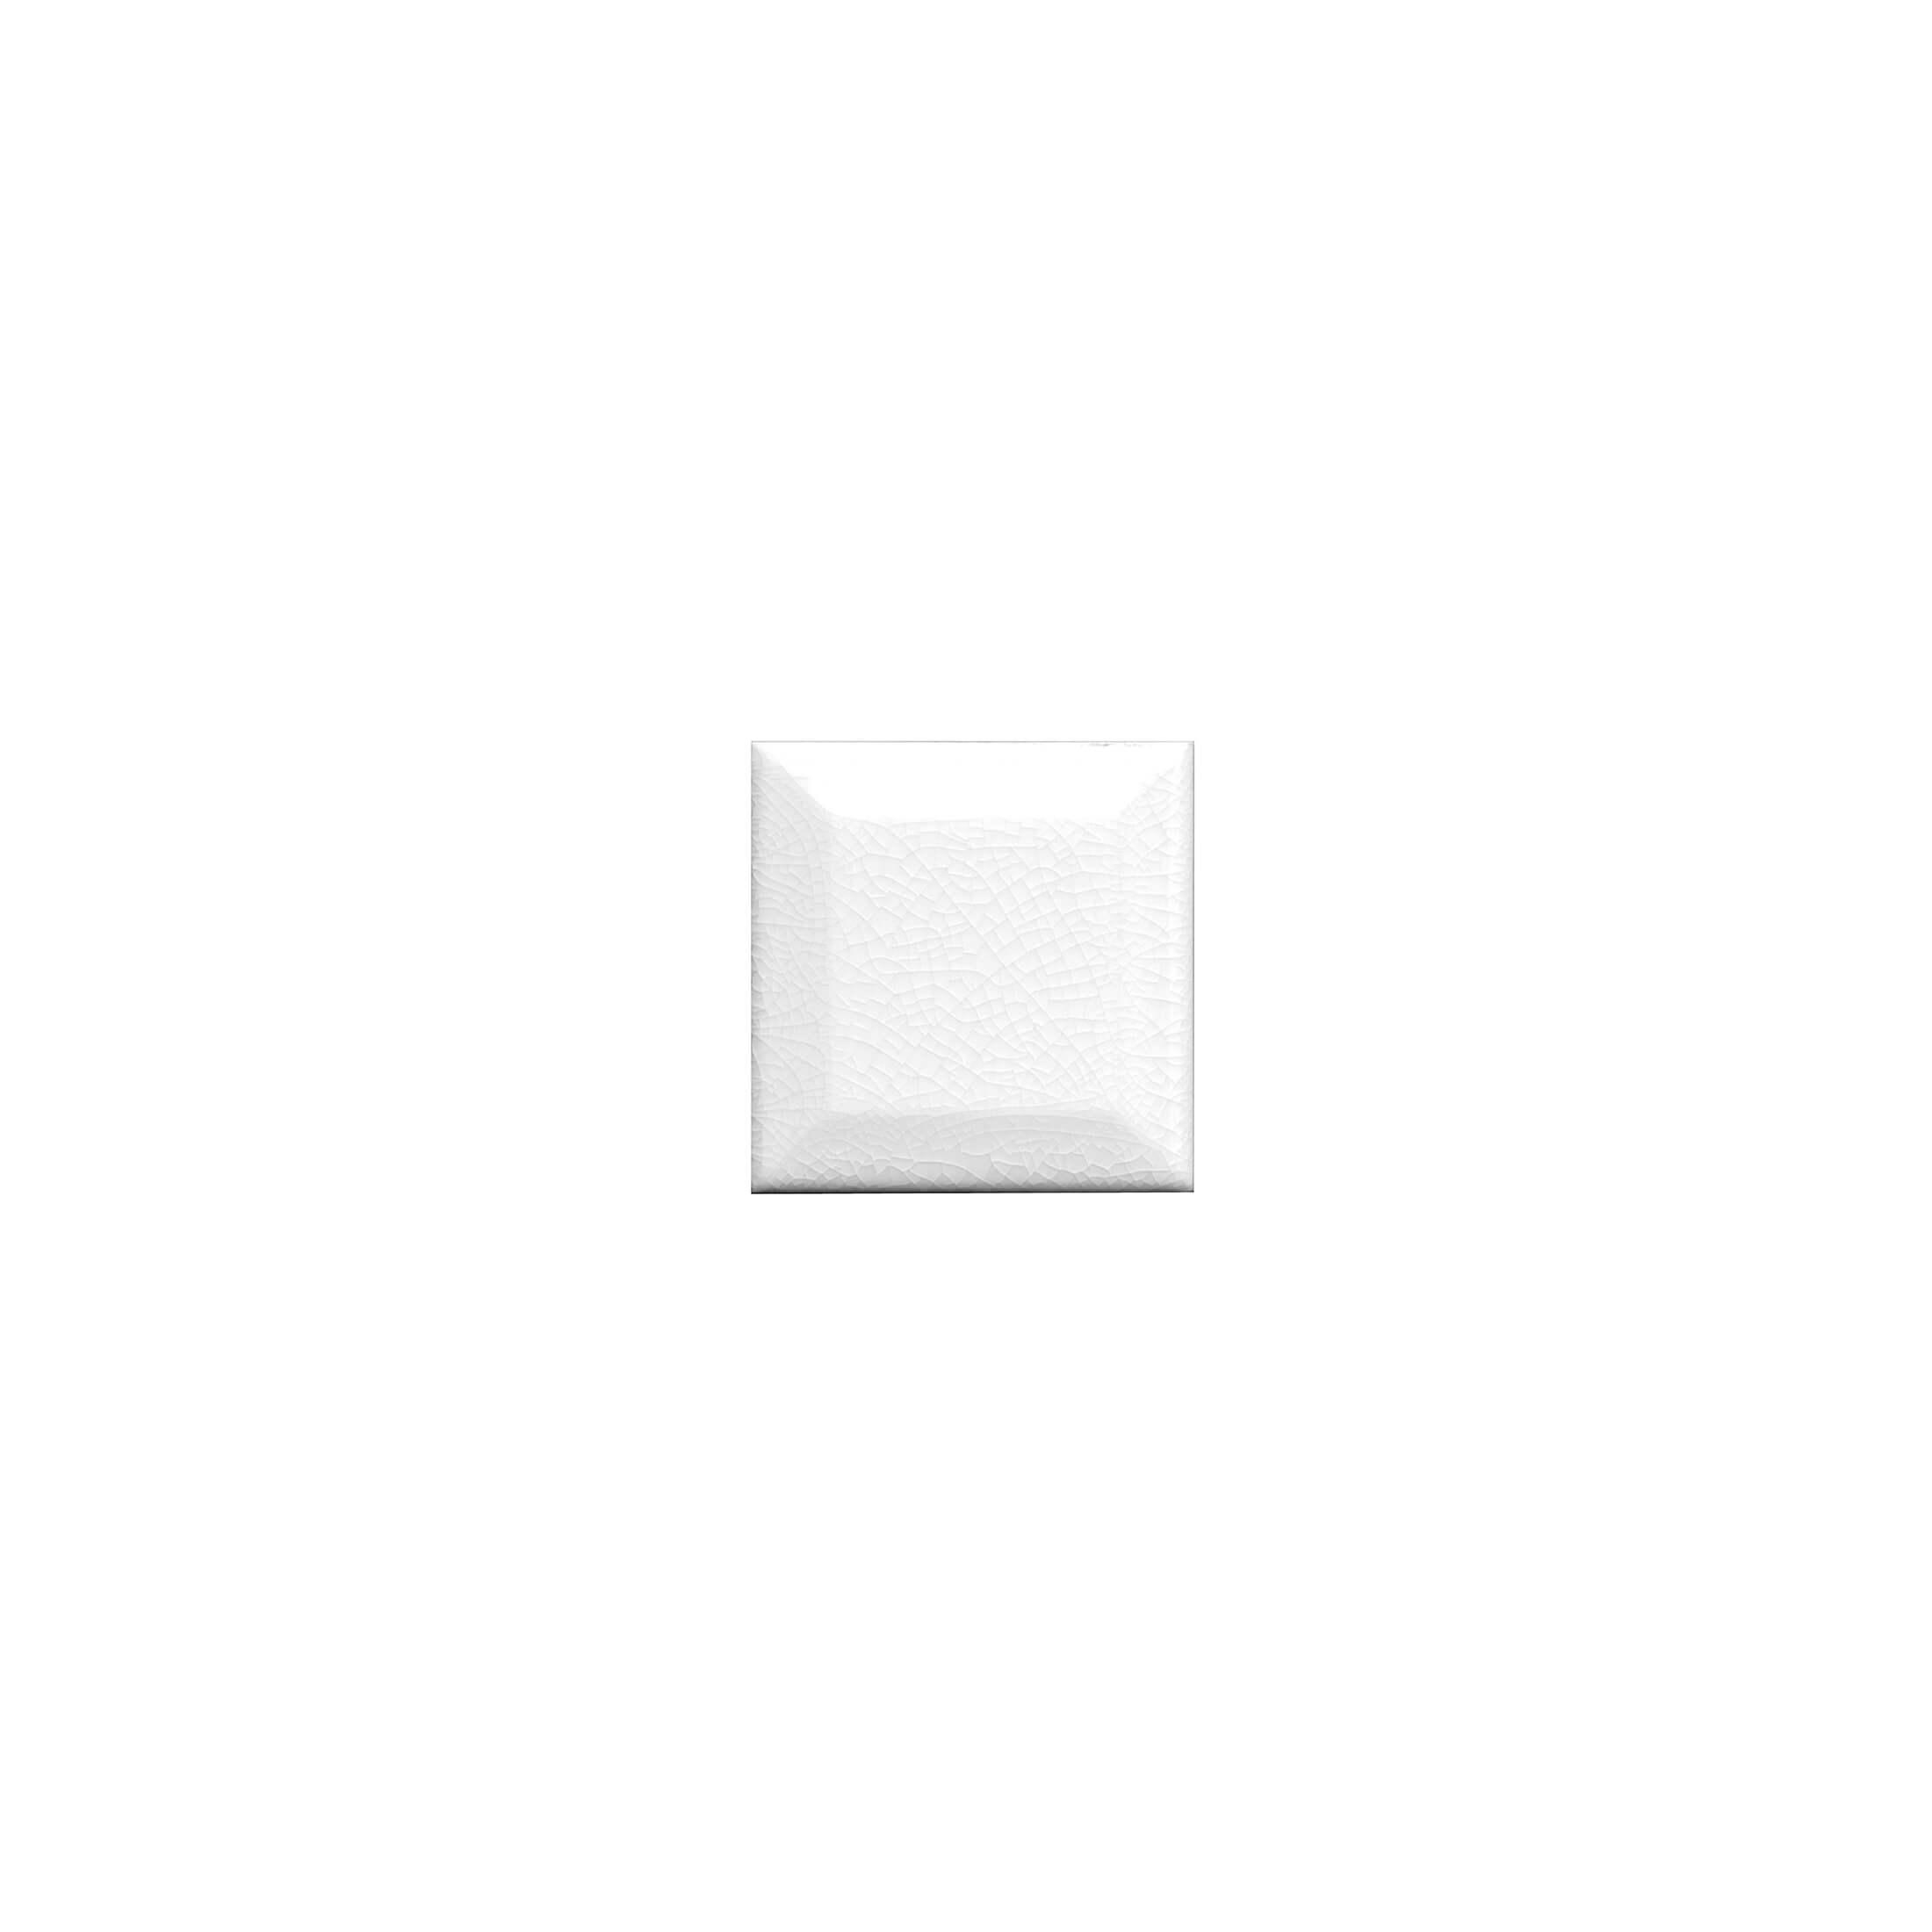 ADMO2025 - BISELADO PB C/C - 7.5 cm X 7.5 cm